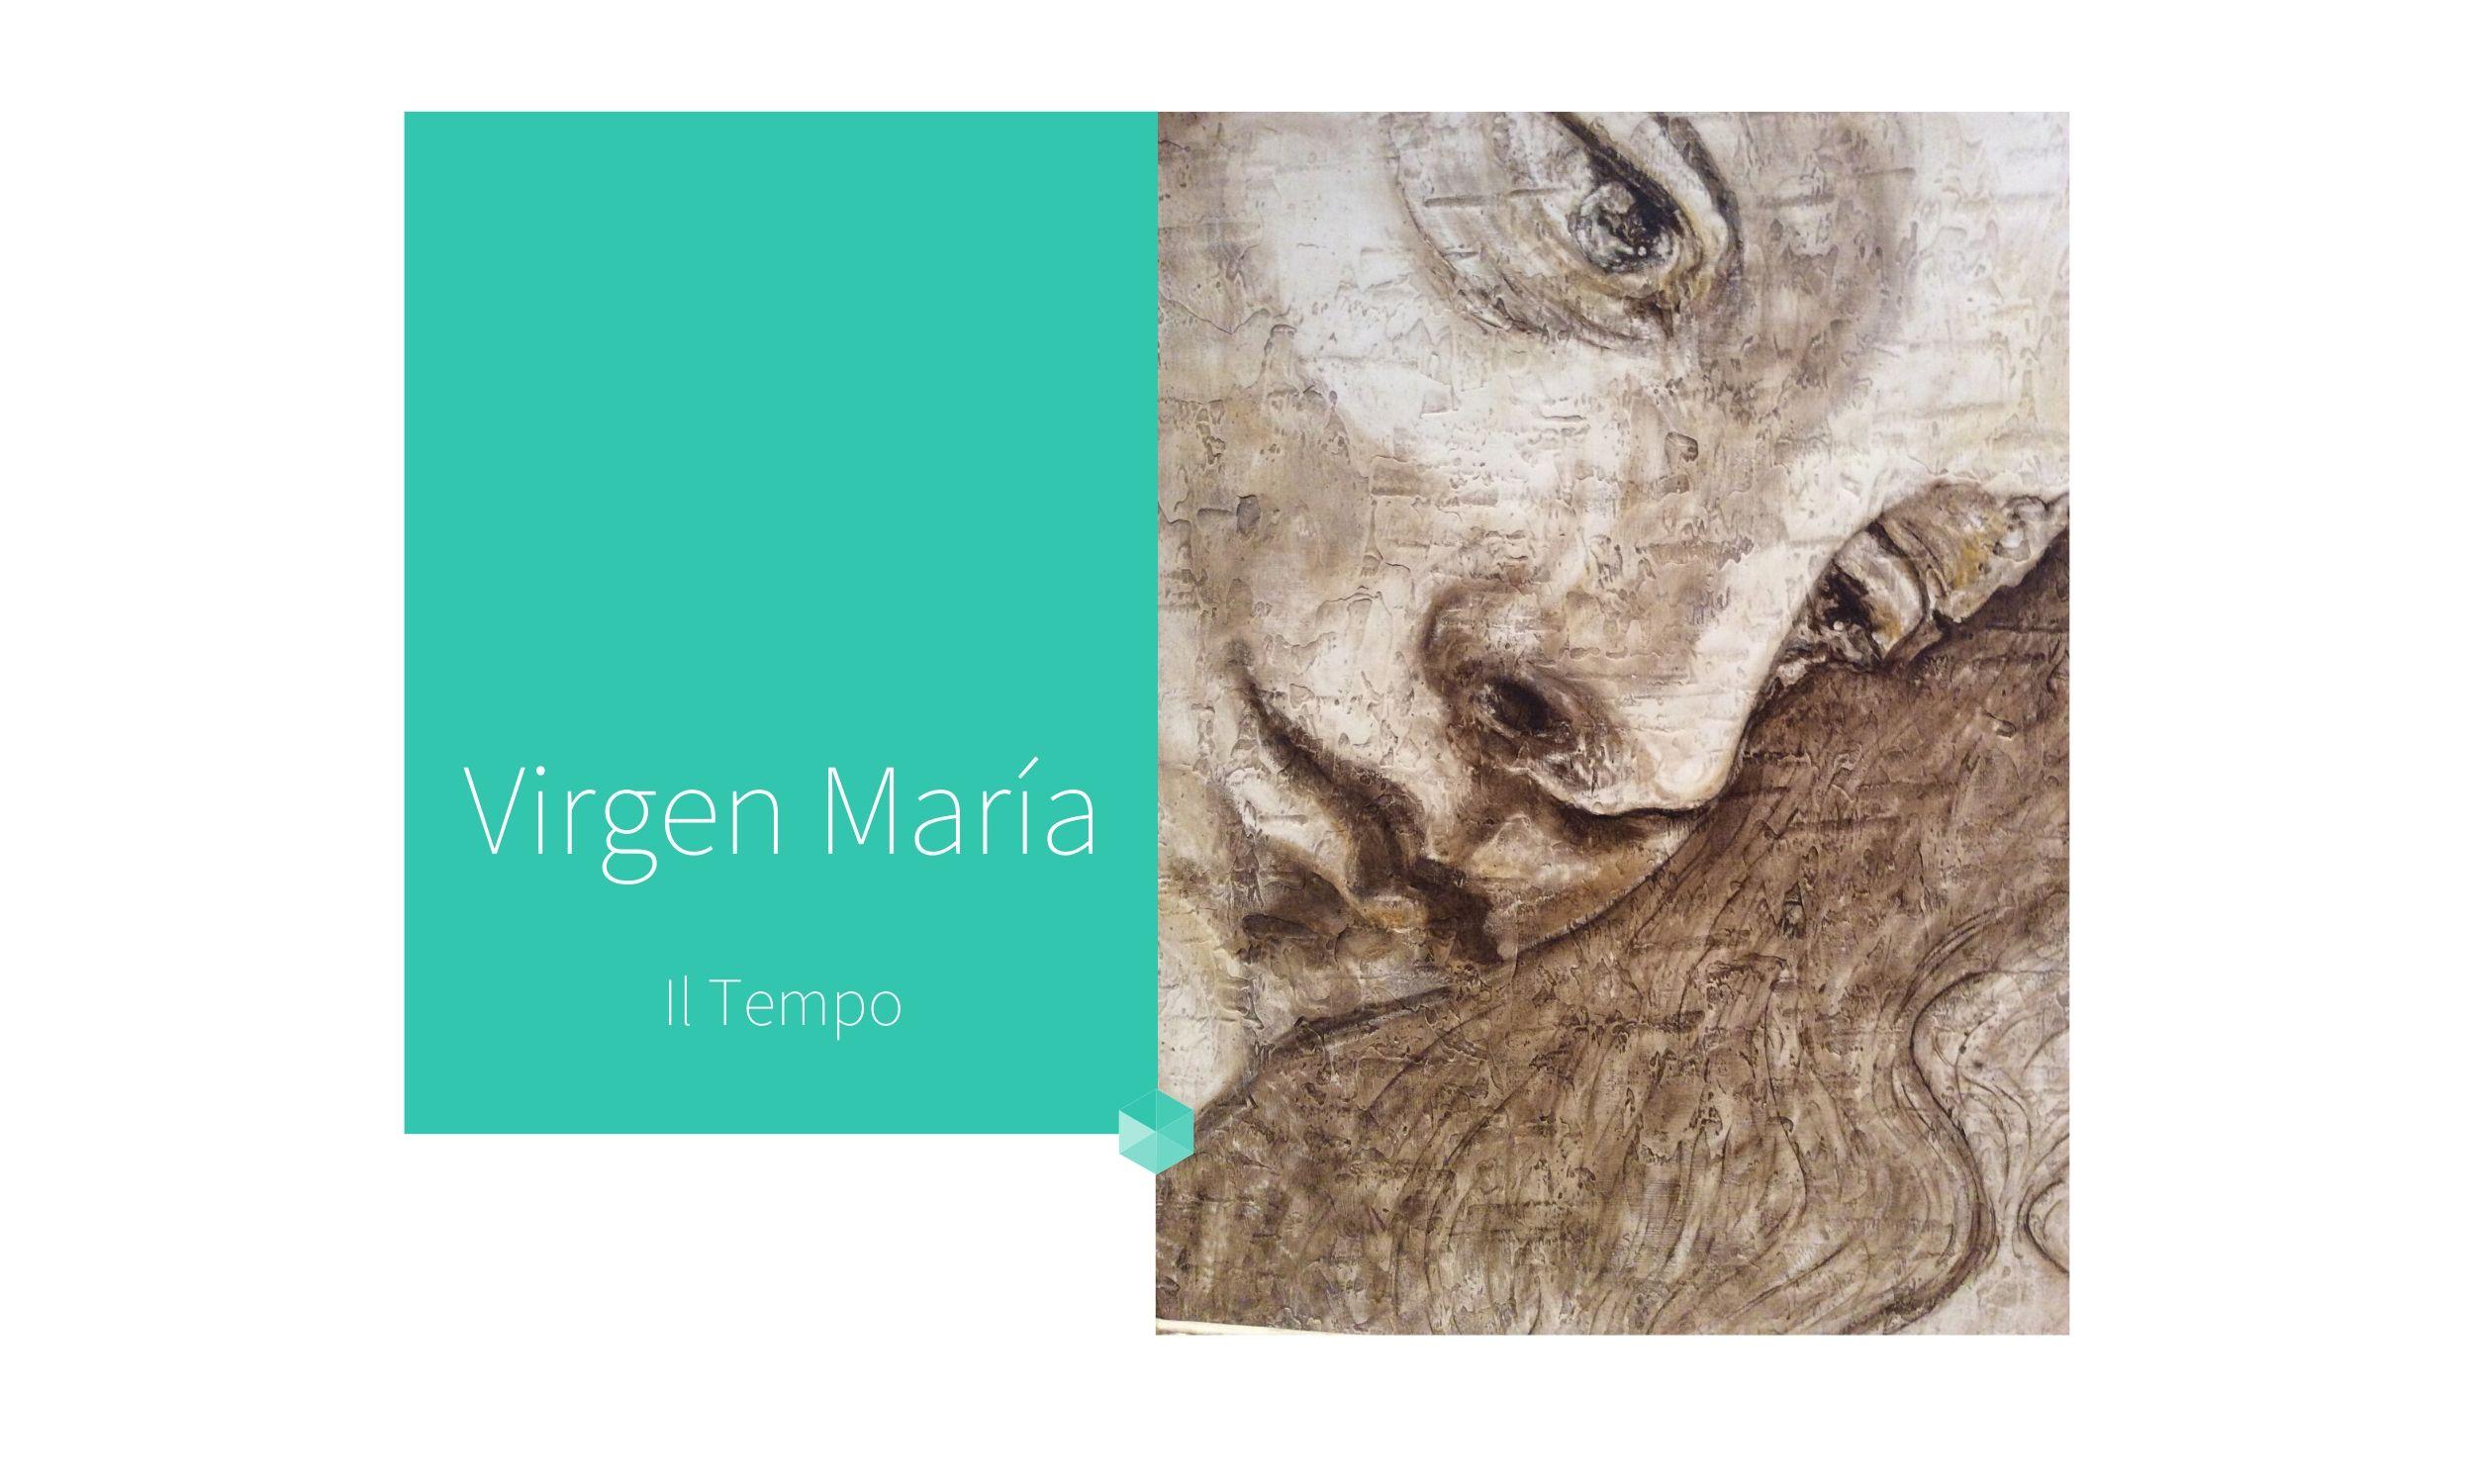 La Virgen Maria | por C.J.Ruiz Colección Flor de Ziur | IL TEMPO